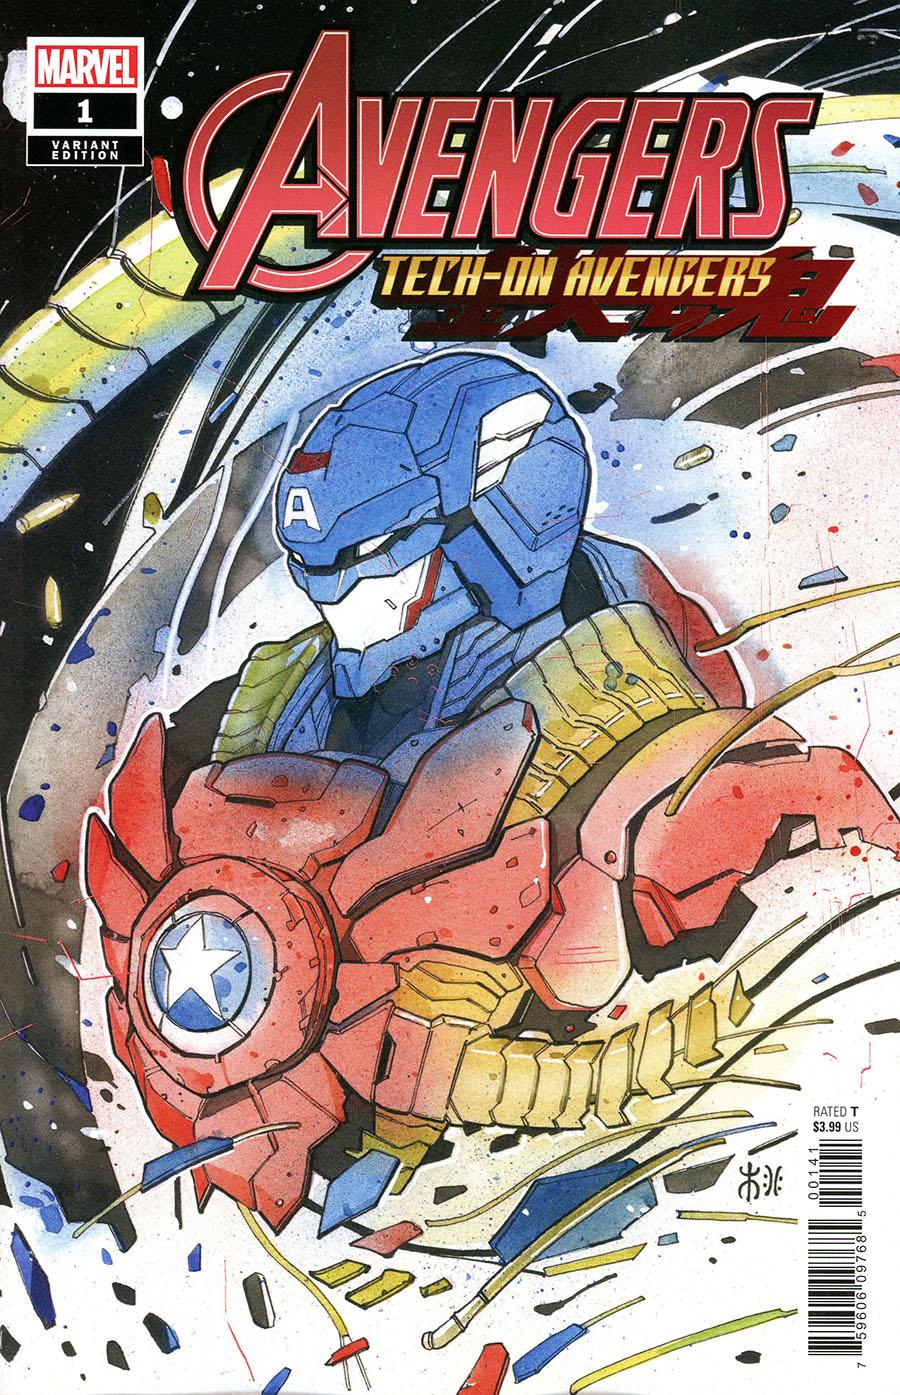 Avengers Tech-On Avengers #1 Cover C Variant Peach Momoko Cover